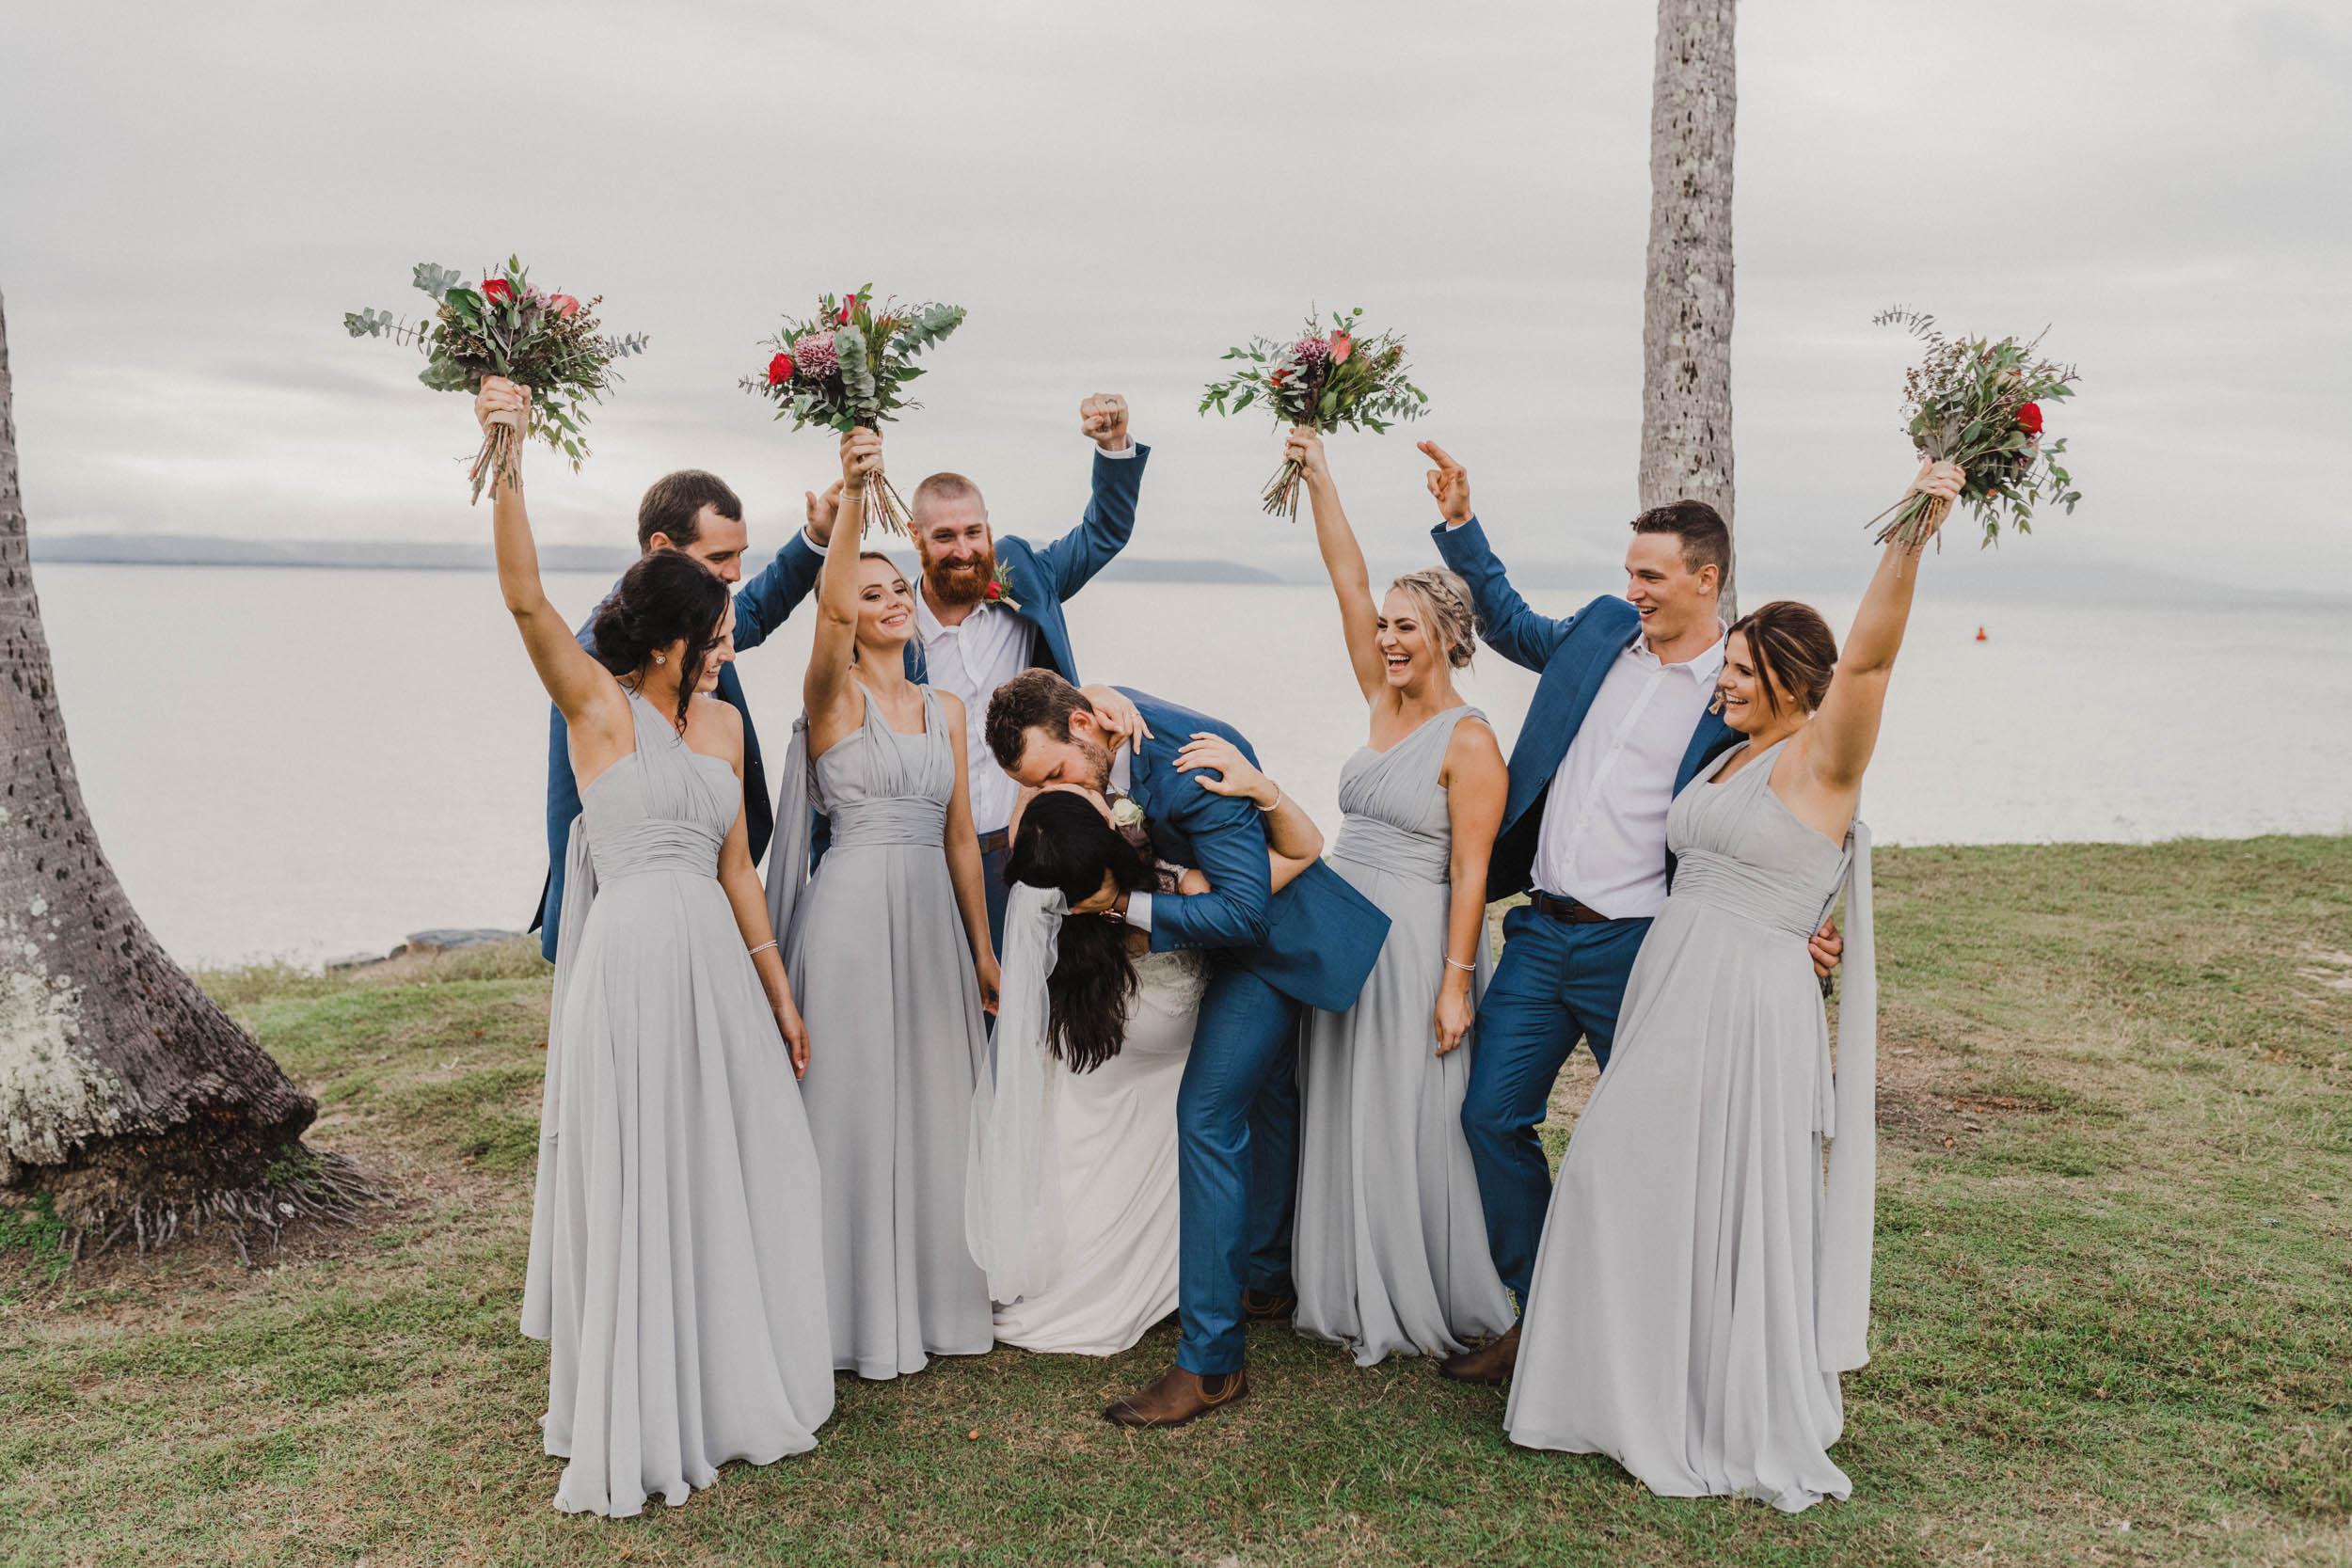 The Raw Photographer - Port Douglas Wedding Photographer - St Mary Church - Cairns Beach Photos-45.jpg